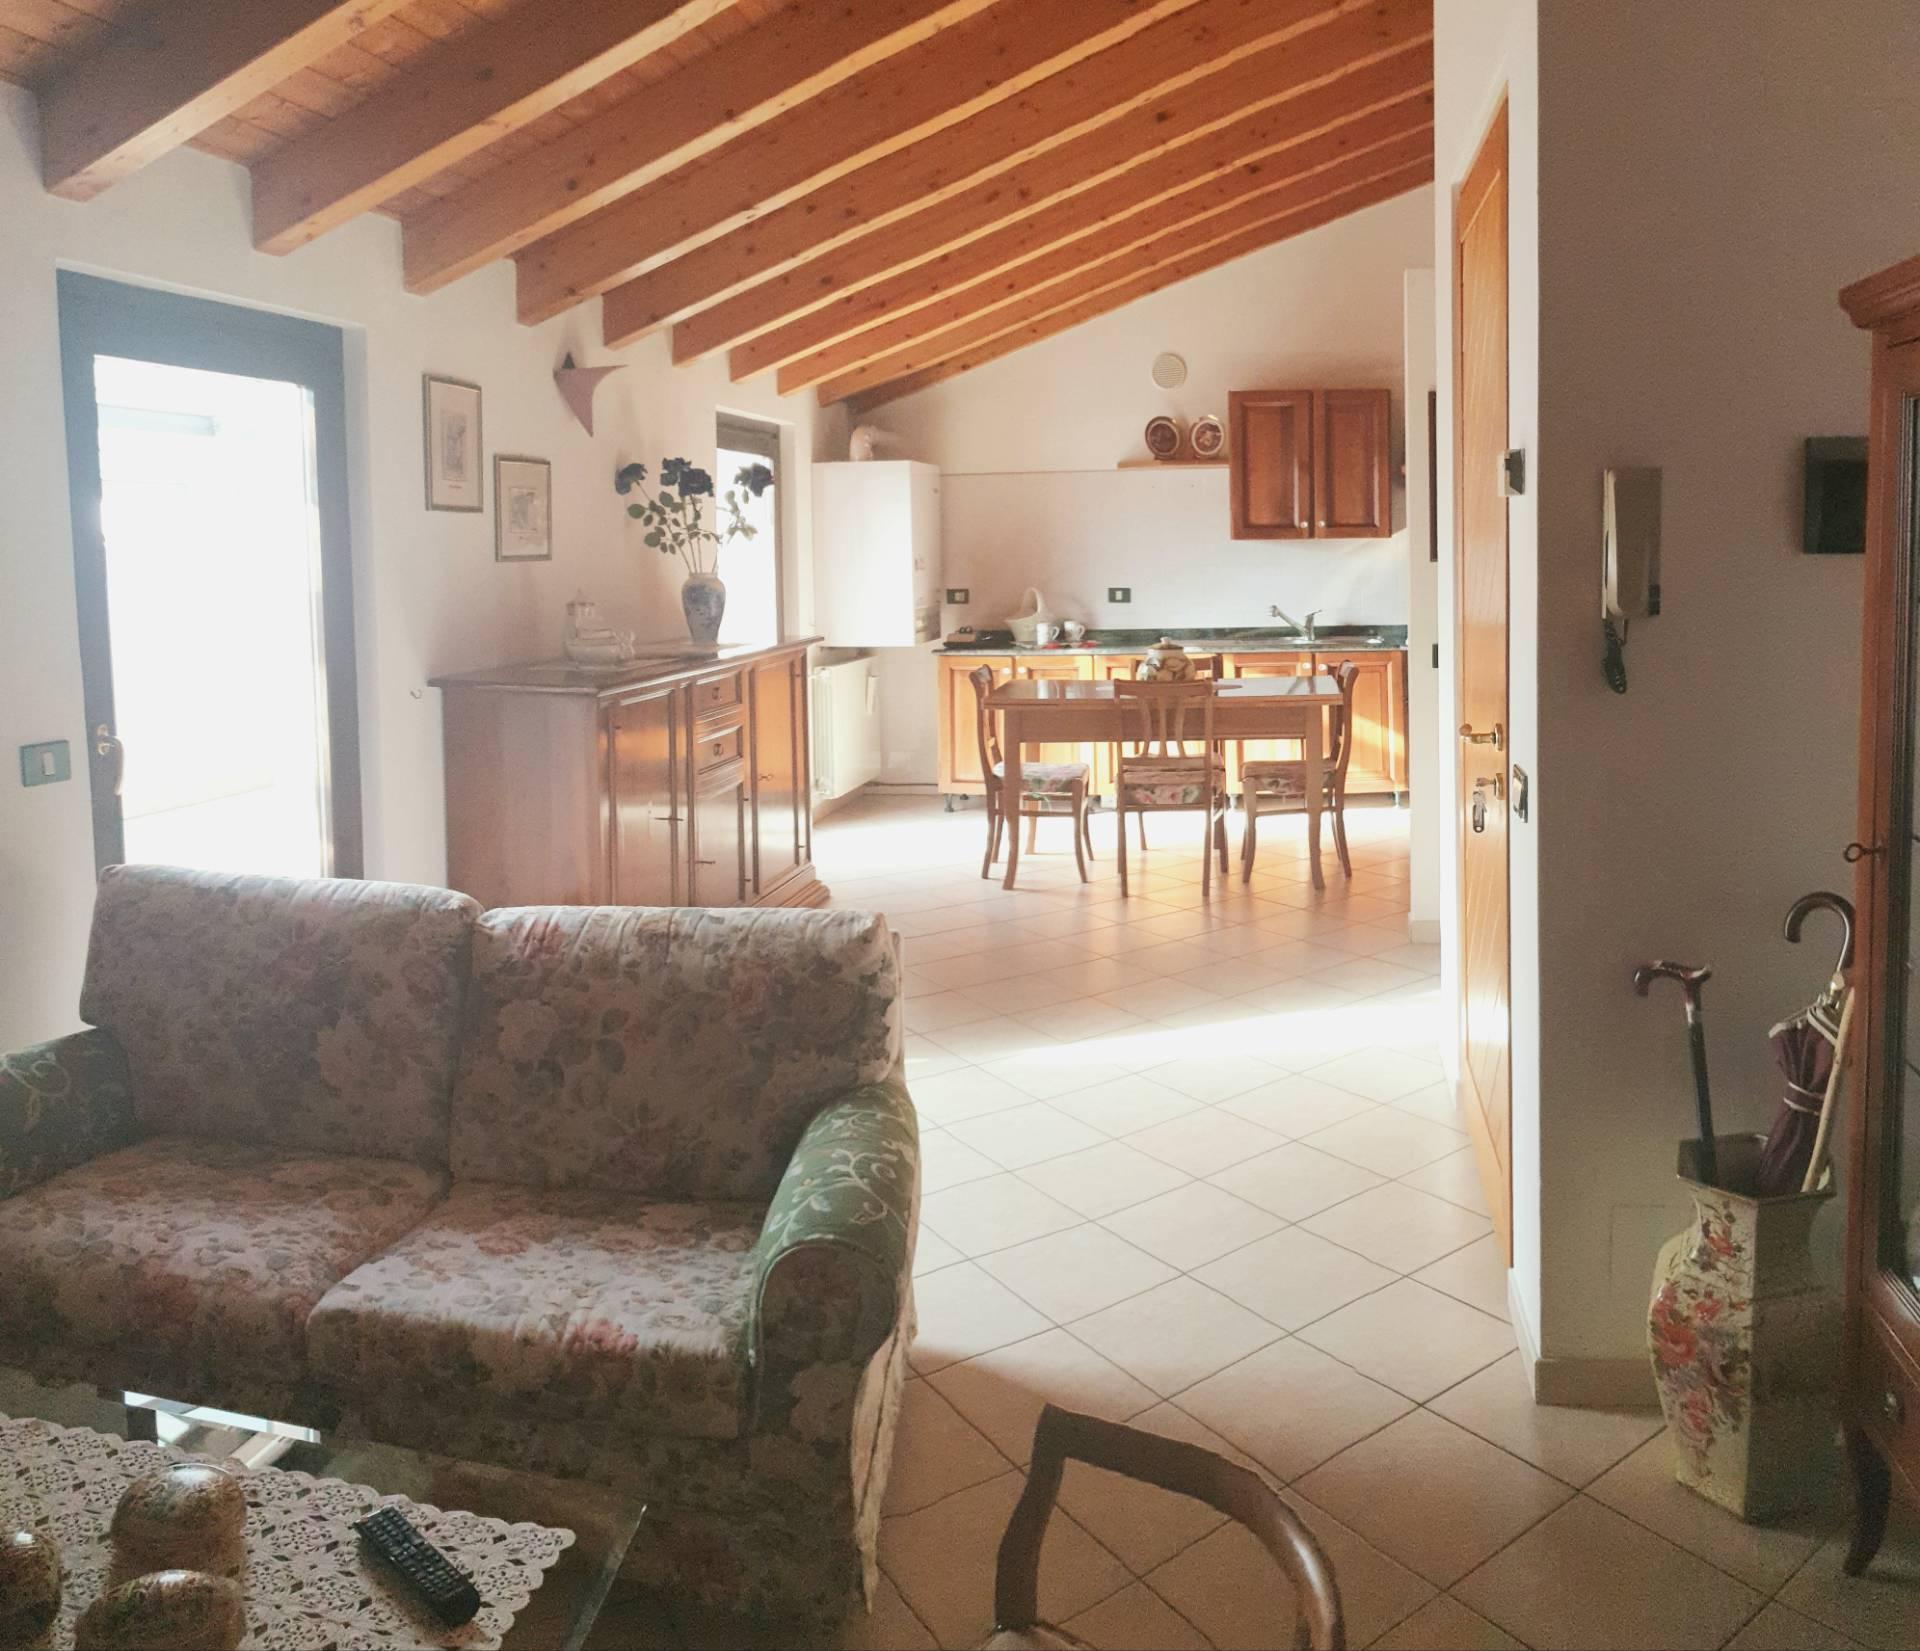 Attico / Mansarda in vendita a Vestone, 4 locali, prezzo € 125.000 | PortaleAgenzieImmobiliari.it